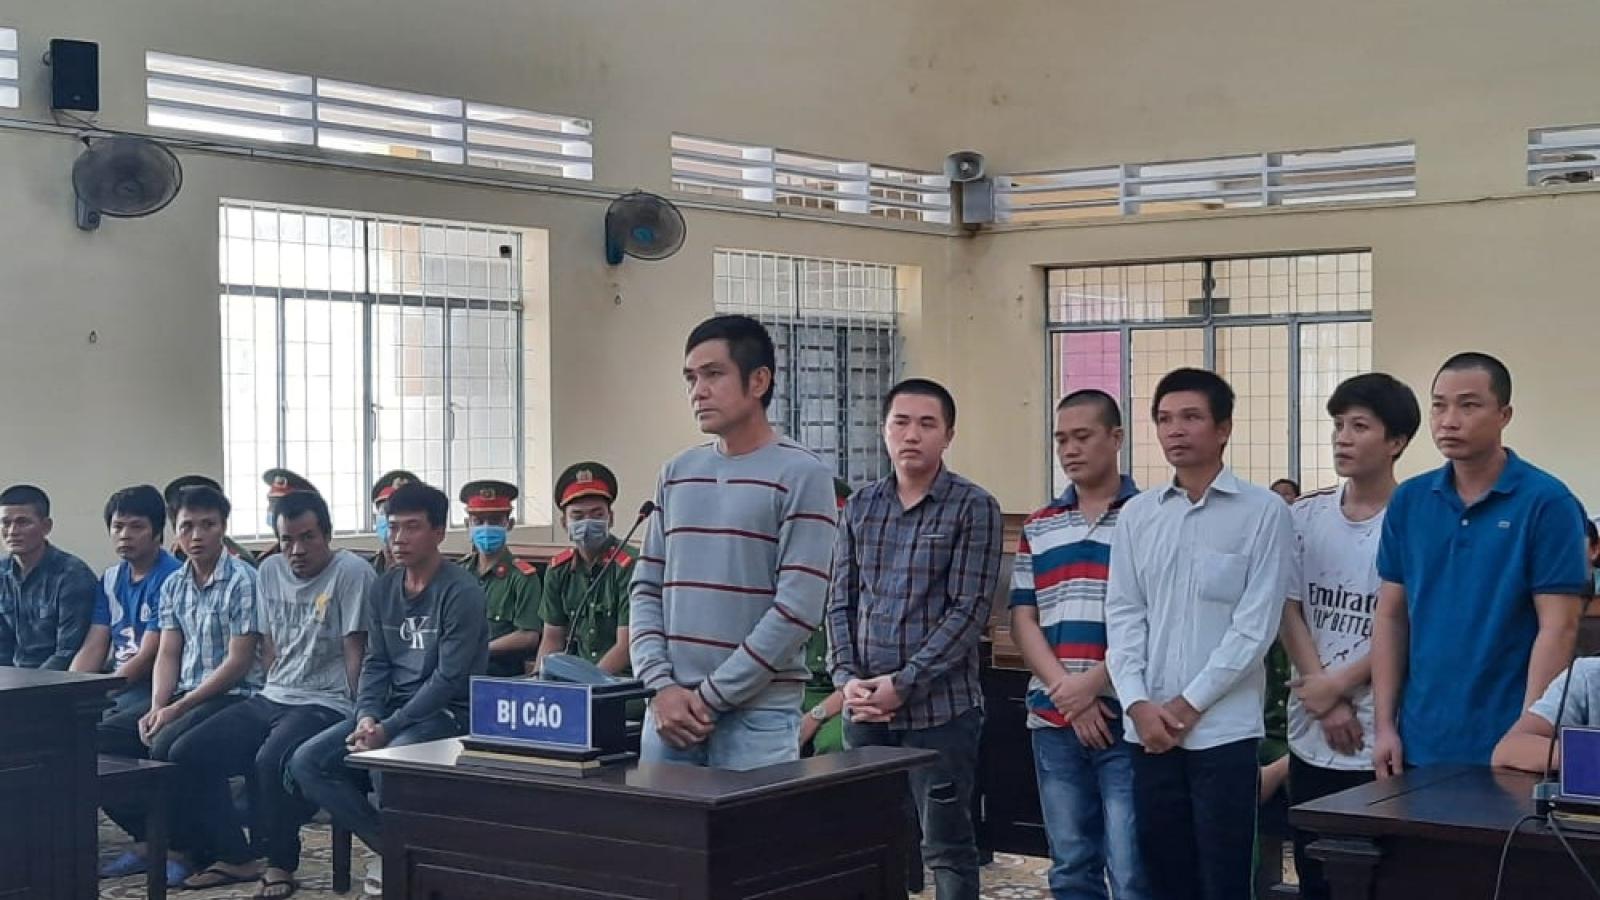 Vụ án 'thương lái dàn cảnh trộm tôm': 5 bị cáo được giảm án